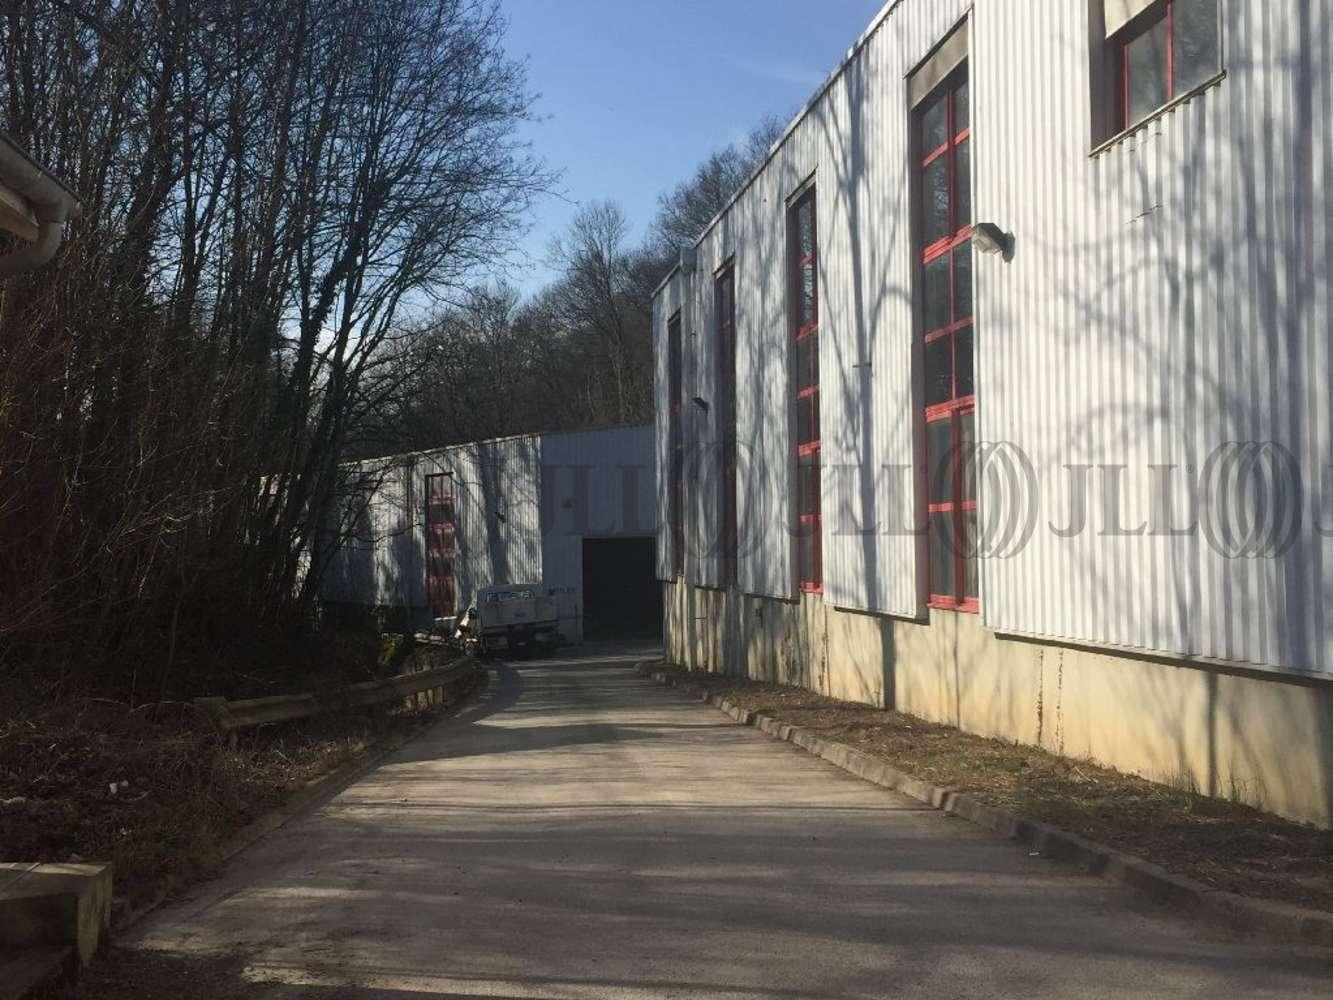 Activités/entrepôt Fontaines st martin, 69270 - Entrepot à vendre Lyon Nord (Fontaines) - 9940205